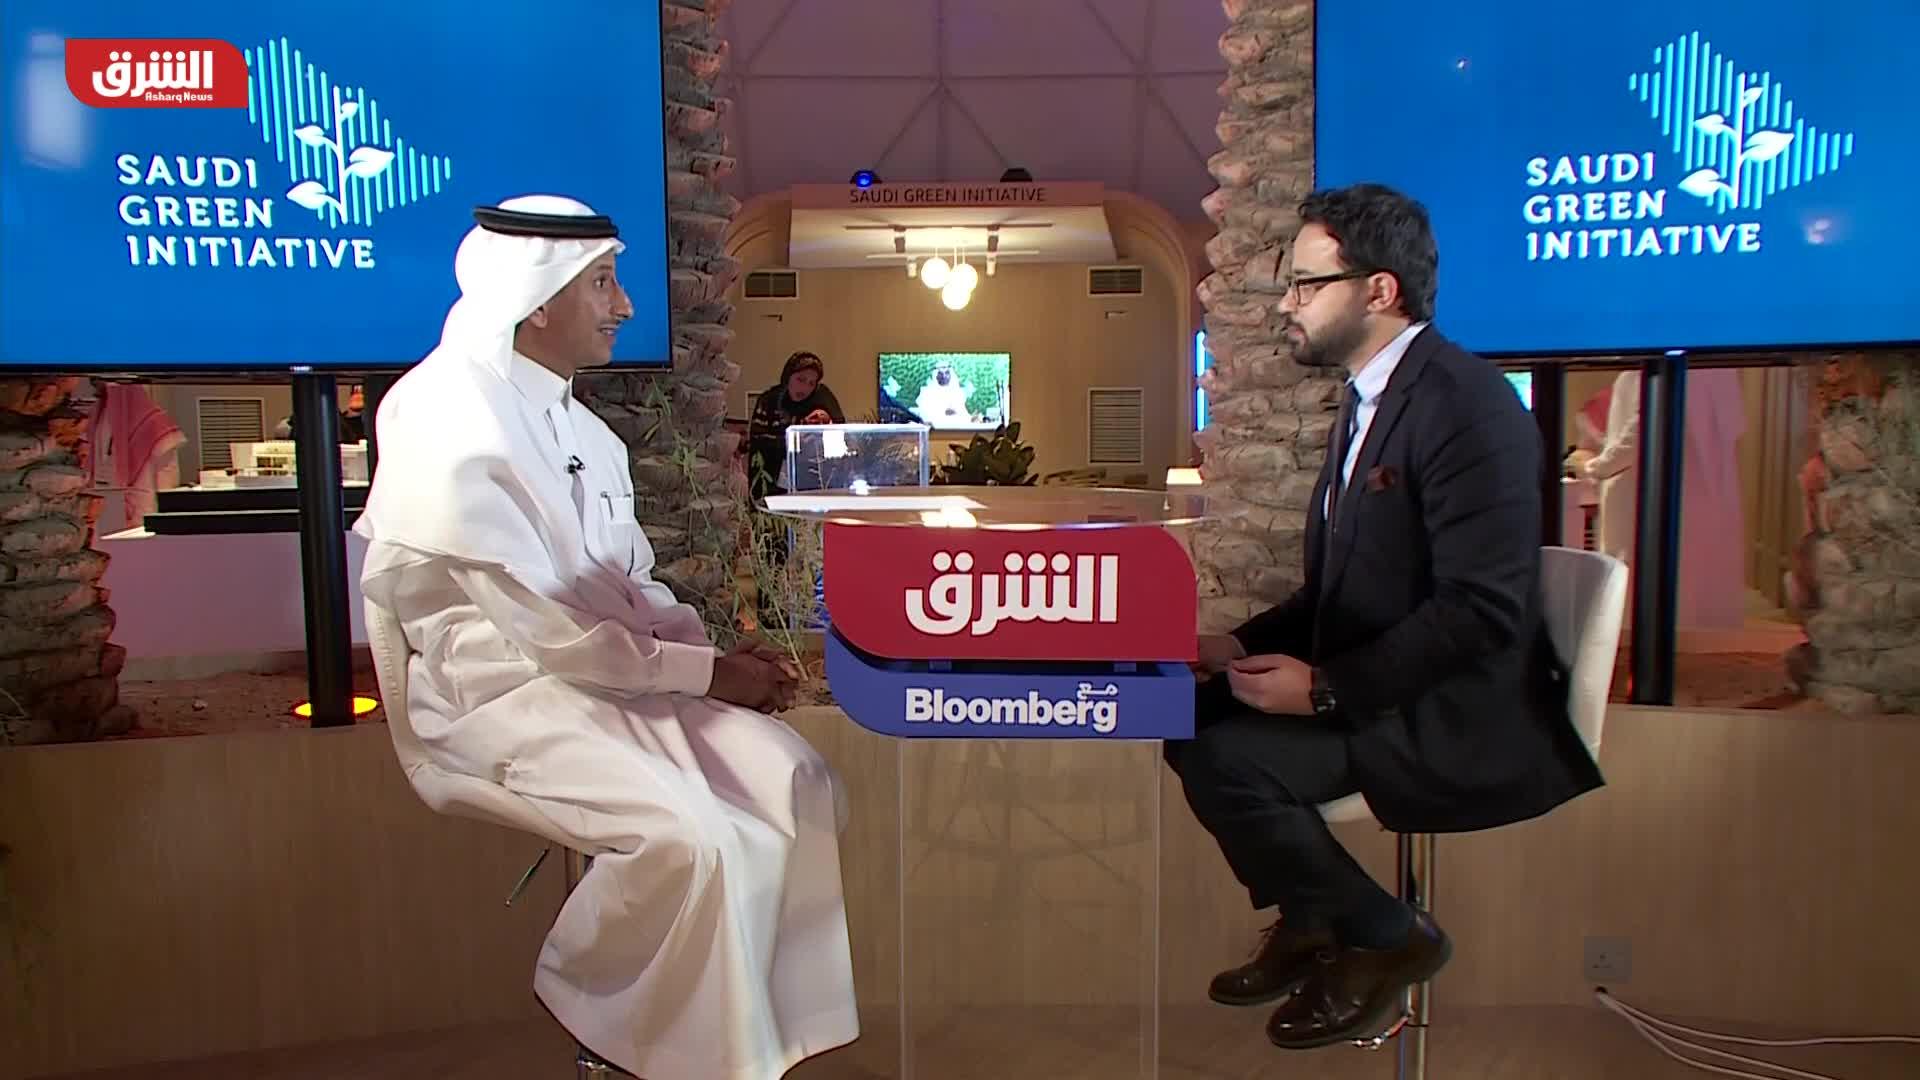 وزير السياحة السعودي : تواصلنا مع دول مجموعة العشرين للمشاركة في المركز العالمي للسياحة